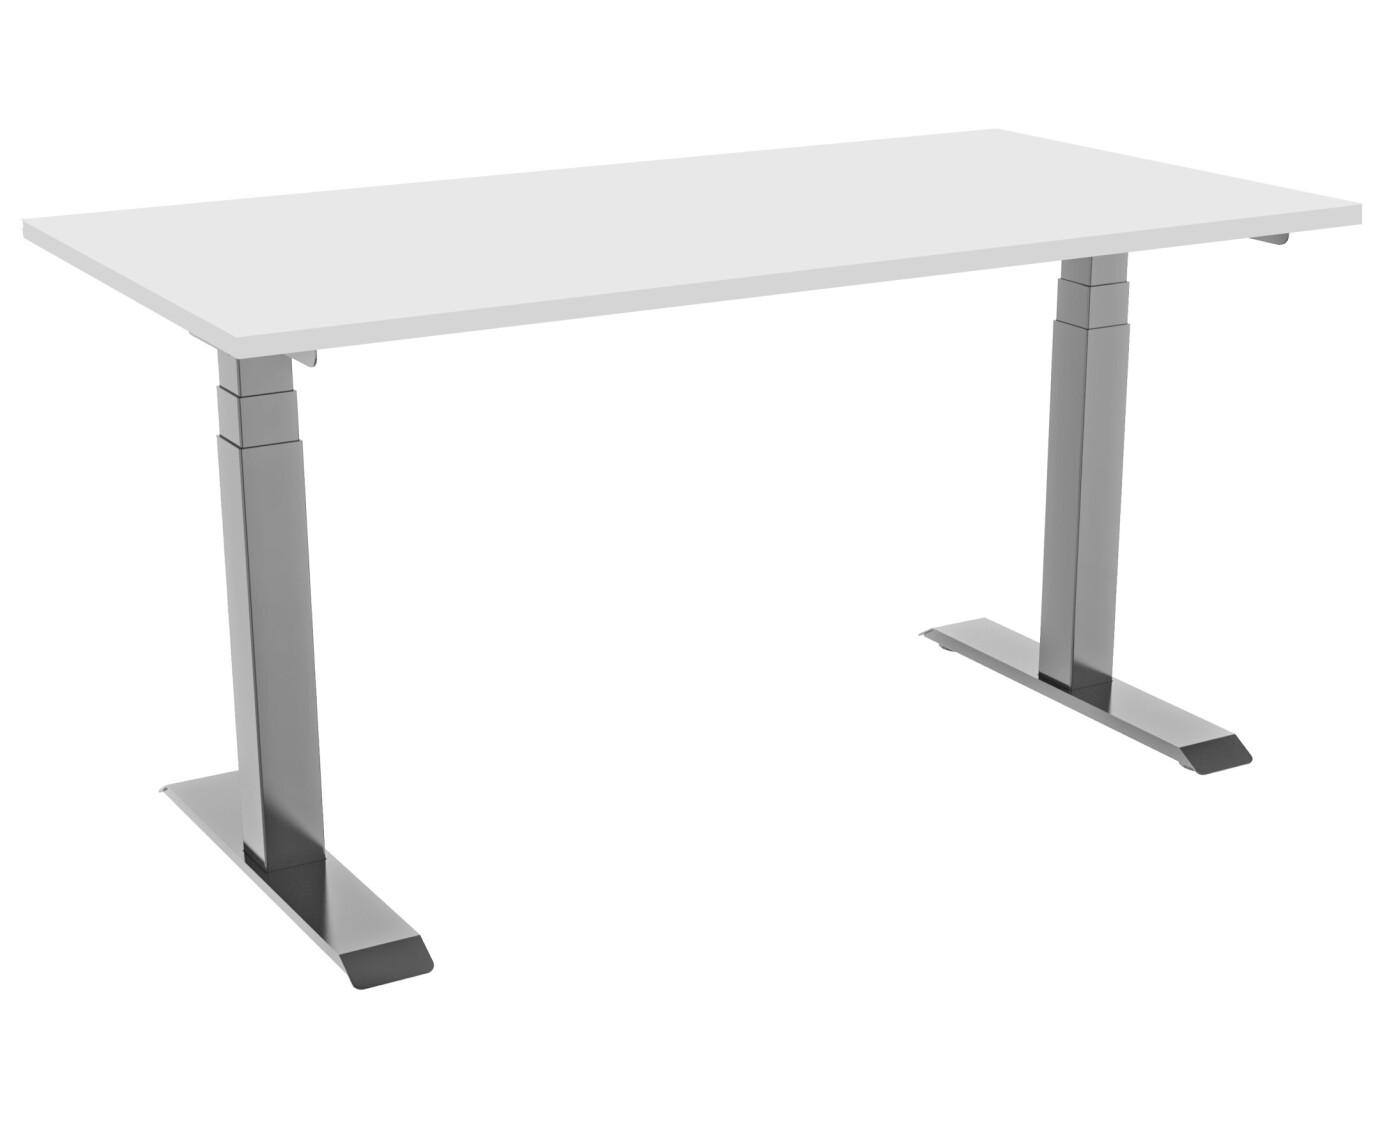 celexon elektrisch höhenverstellbarer Schreibtisch Professional eAdjust-58123 - grau, inkl. Tischplatte 150 x 75 cm